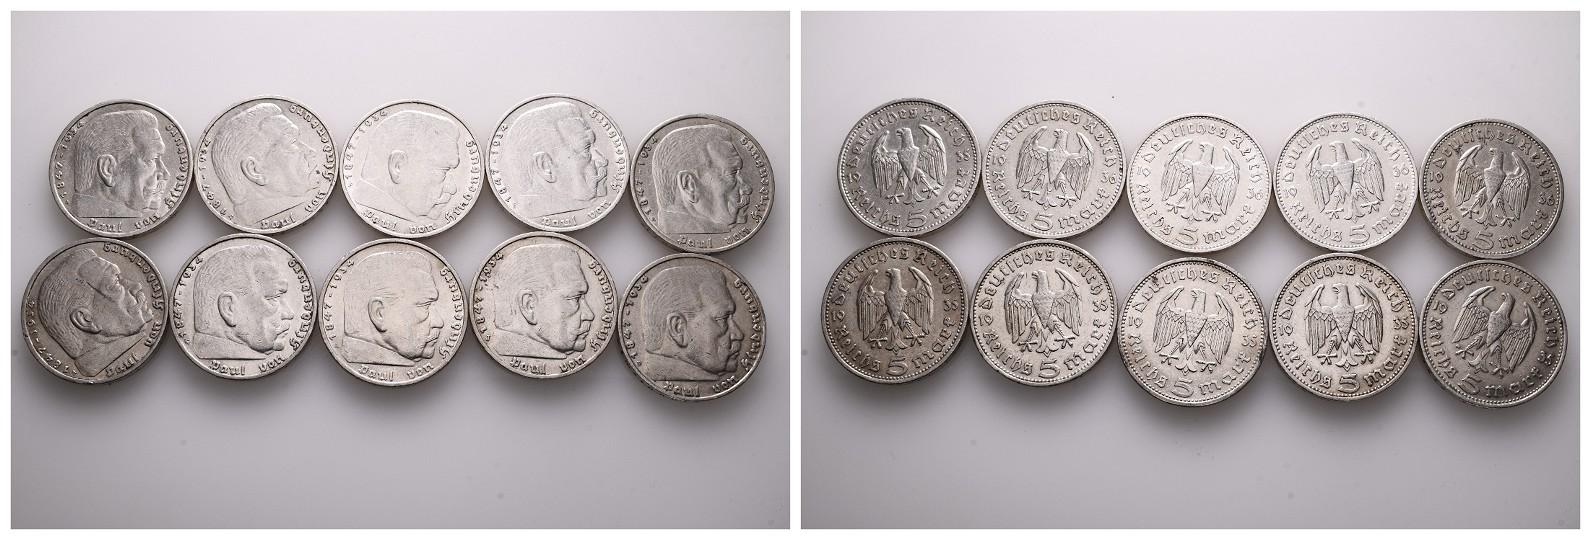 MGS Kaiserreich 3x 1 Mark (1896 A, 1898 A, 1904 A)